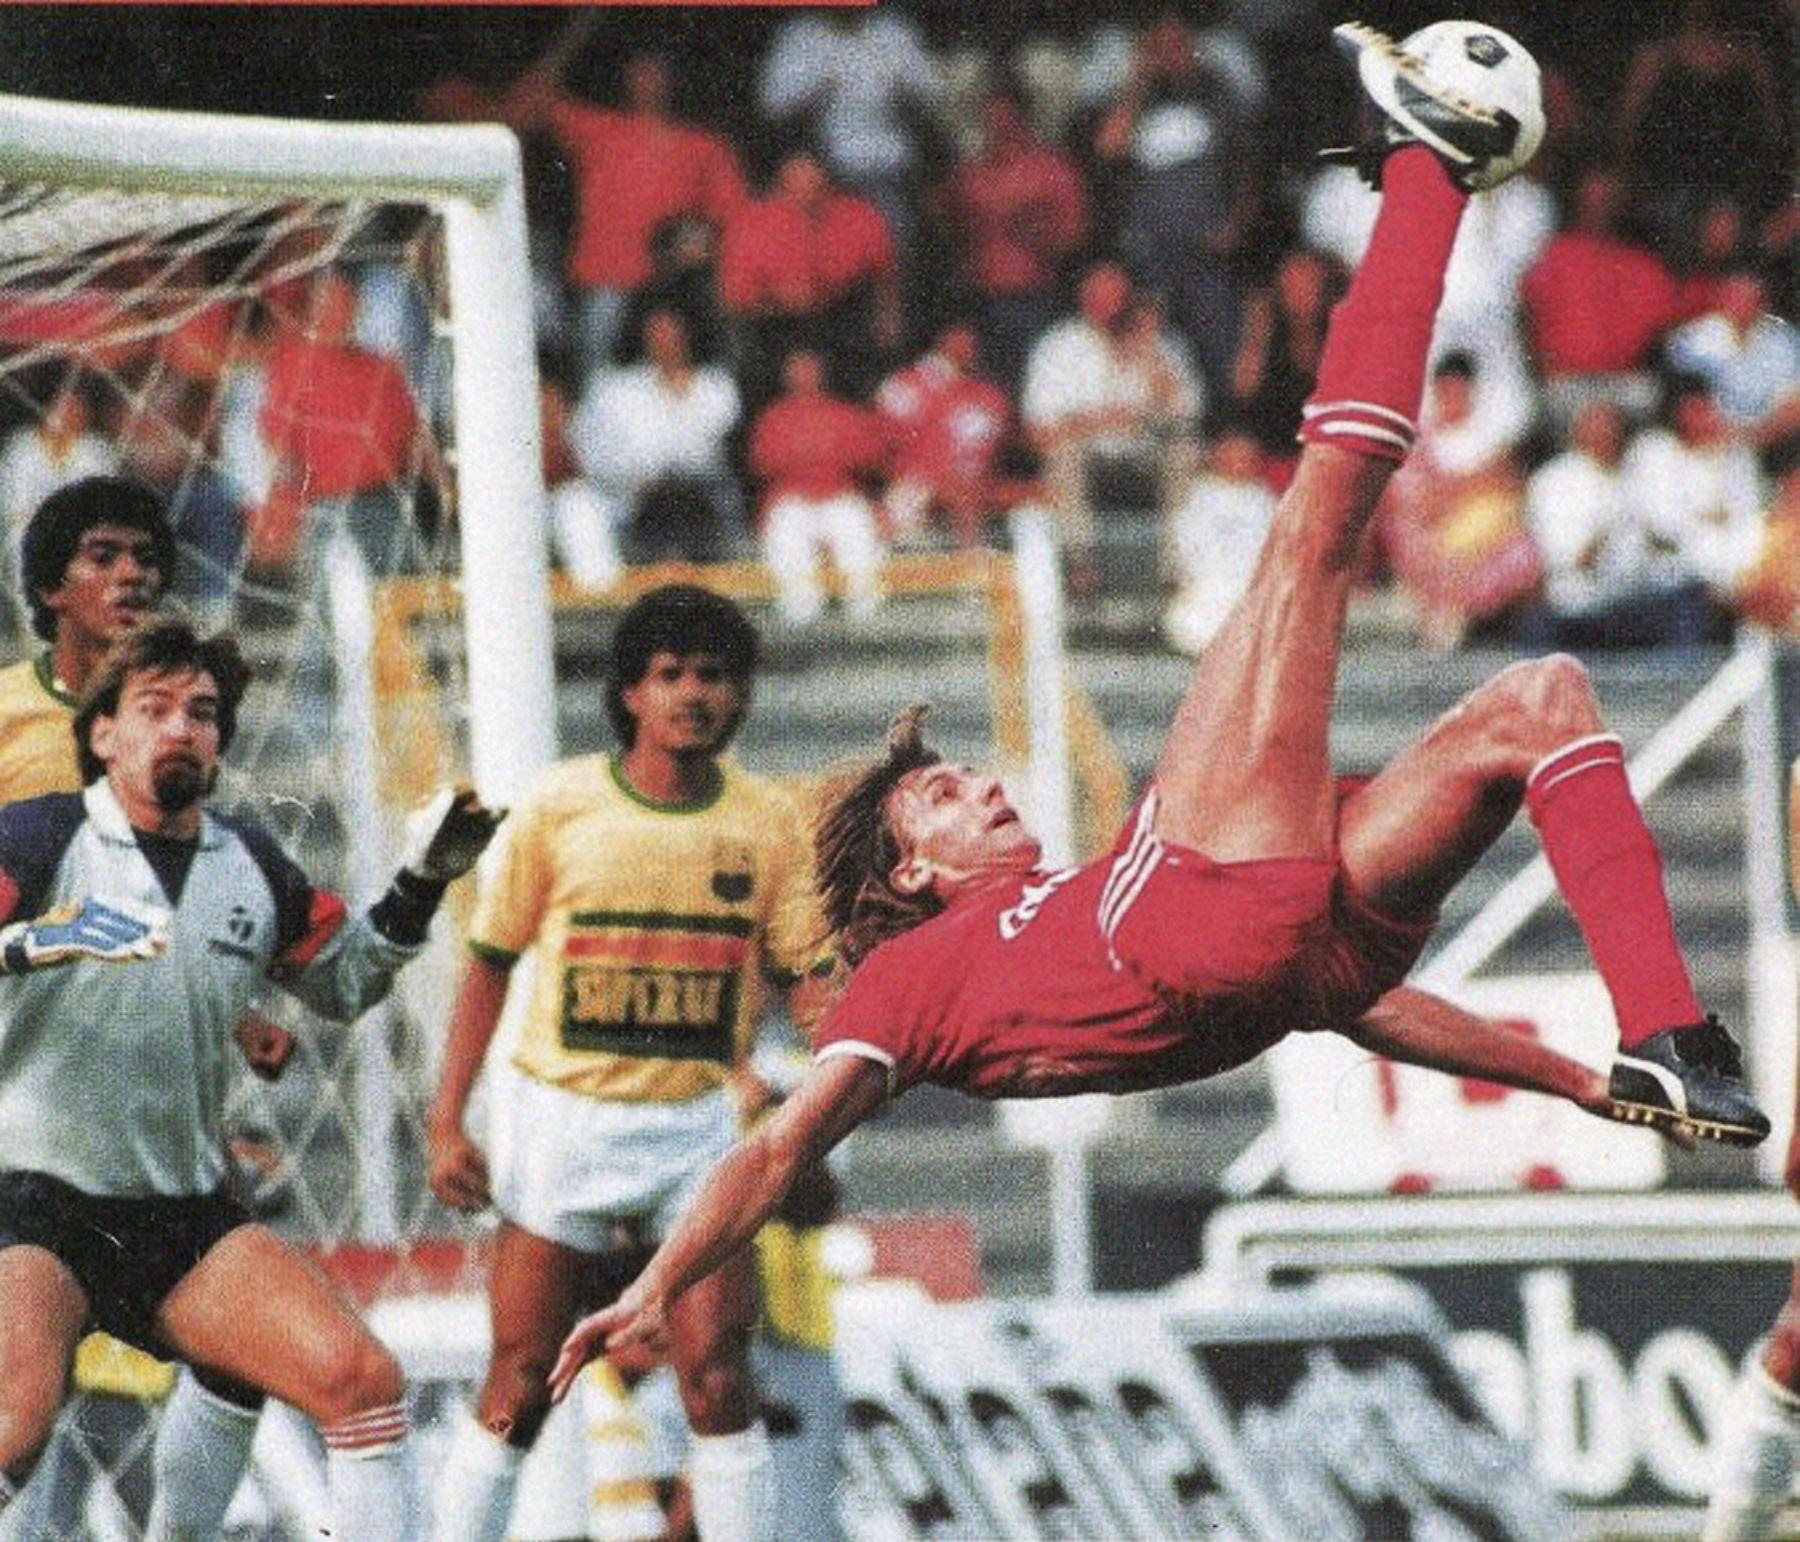 Con el América de Cali, Gareca logró el título nacional colombiano seis veces consecutivas. También alcanzó la final de la Copa Libertadores en tres oportunidades, pero las perdió todas. Foto: Cortesía